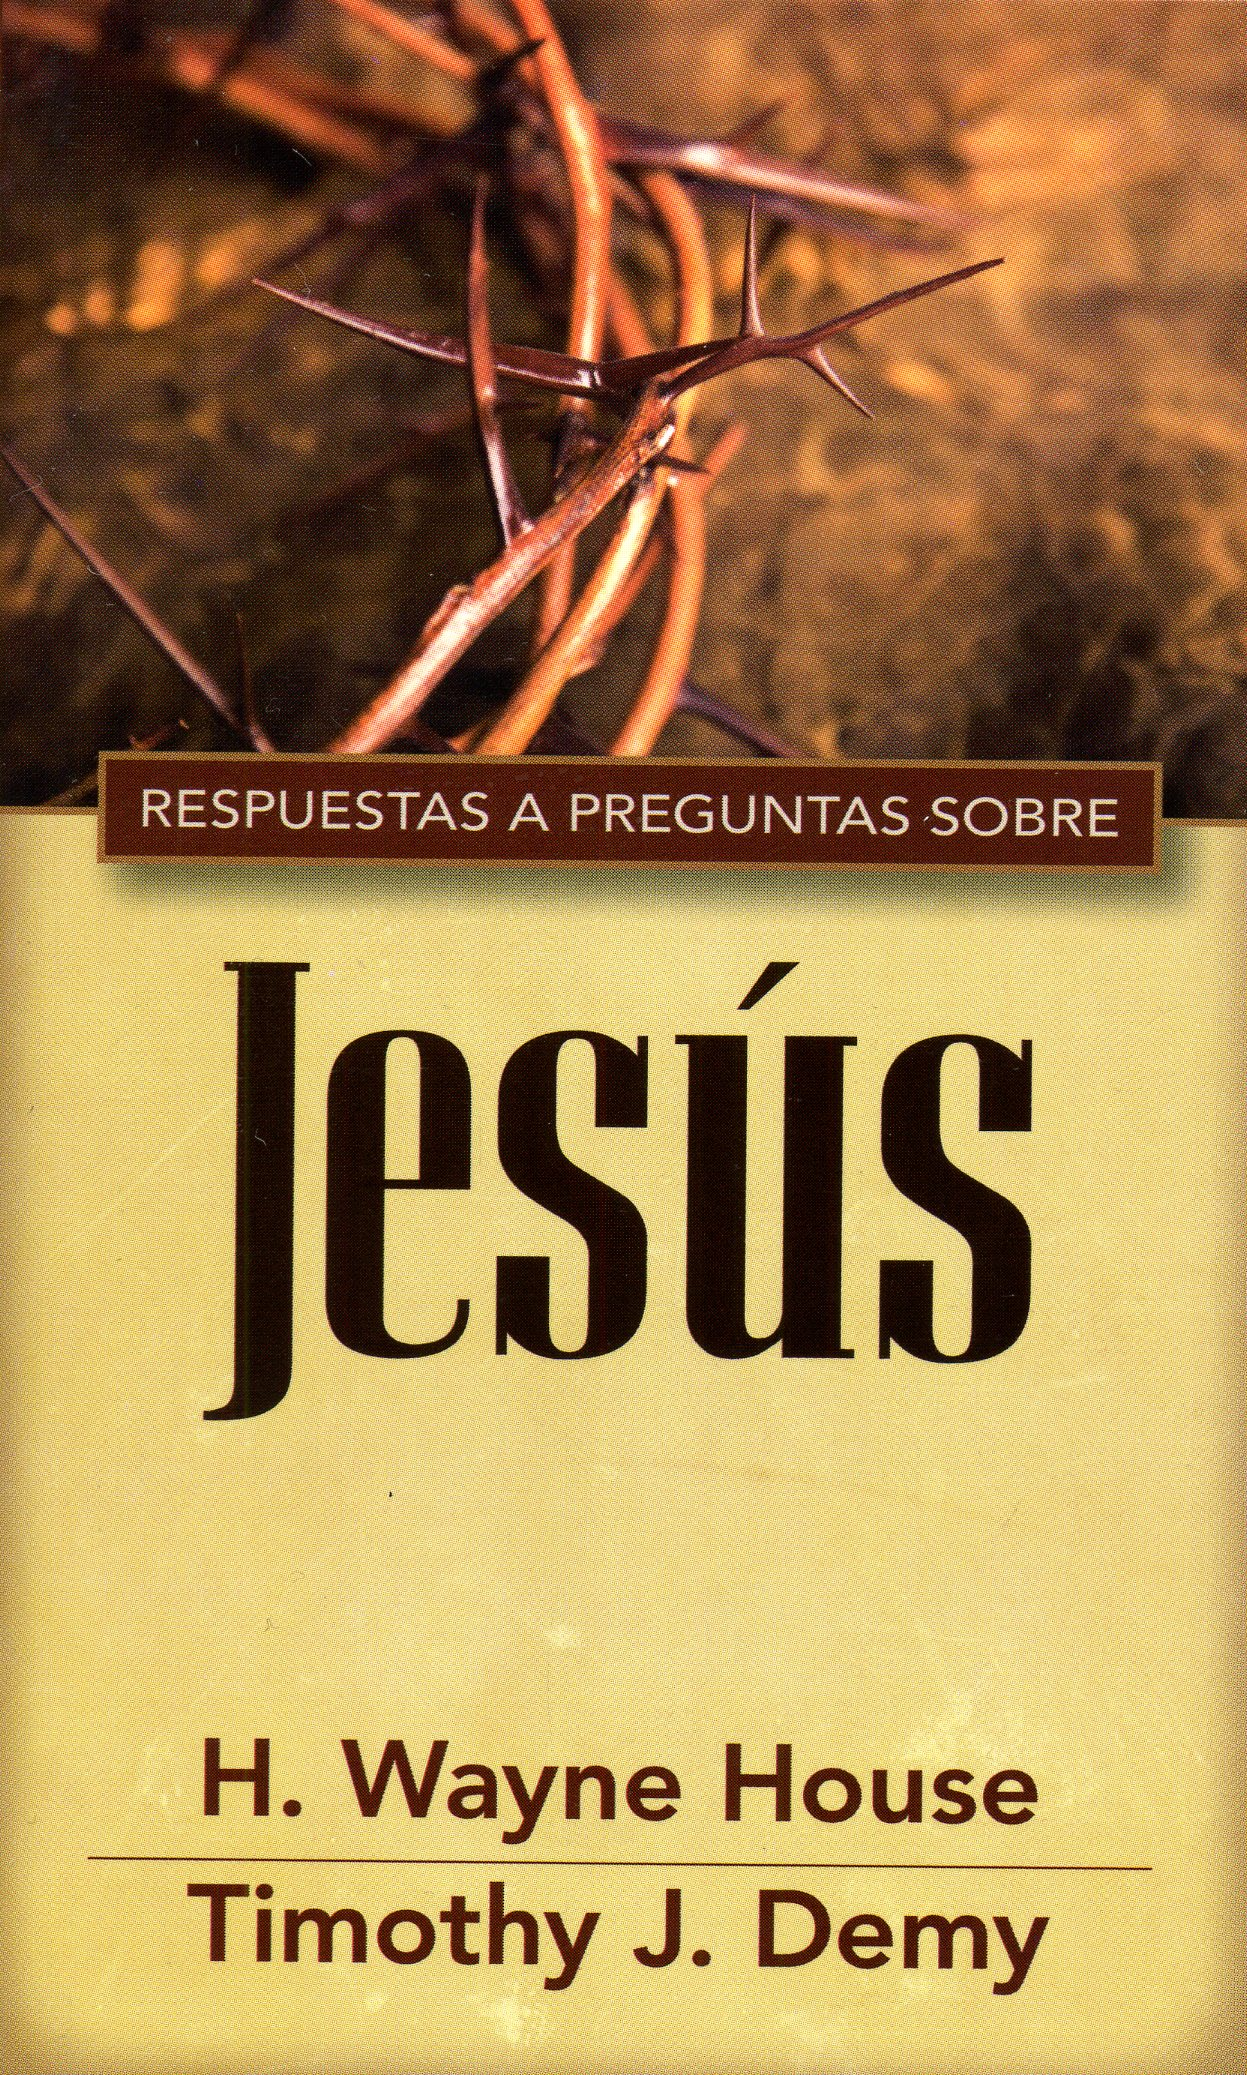 Respuestas a preguntas sobre Jesús